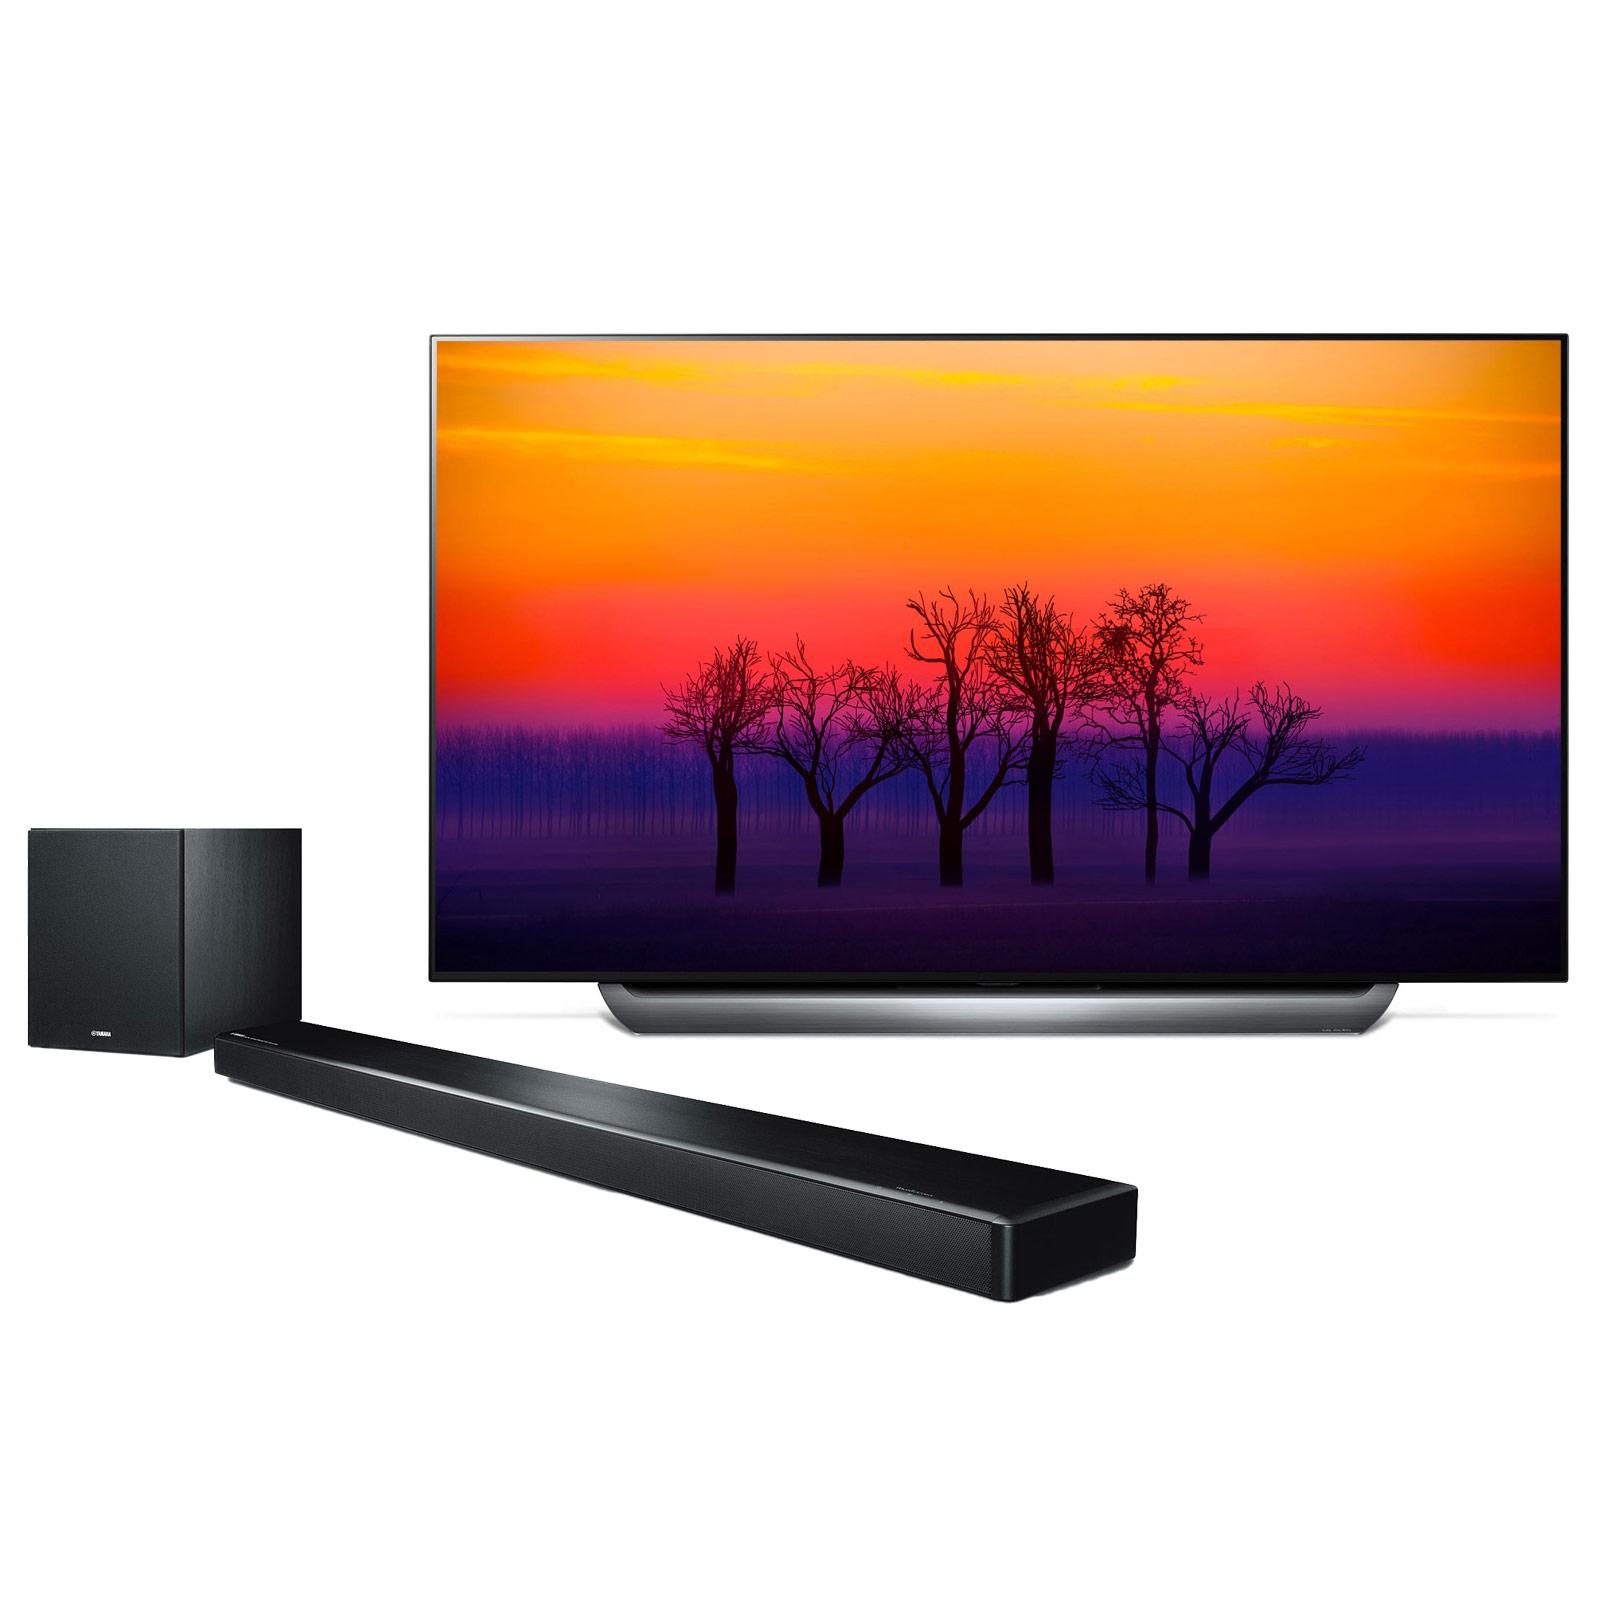 """TV LG OLED55C8 + Yamaha MusicCast YSP-2700 Noir Téléviseur OLED 4K 55"""" (140 cm) 16/9 - 3840 x 2160 pixels - Ultra HD 2160p - HDR - Wi-Fi - Bluetooth - Dolby Atmos (dalle native 100 Hz) + Barre de son multiroom 7.1 avec caisson de basses sans fil, HDMI 2.0 4K et Bluetooth avec MusicCast"""